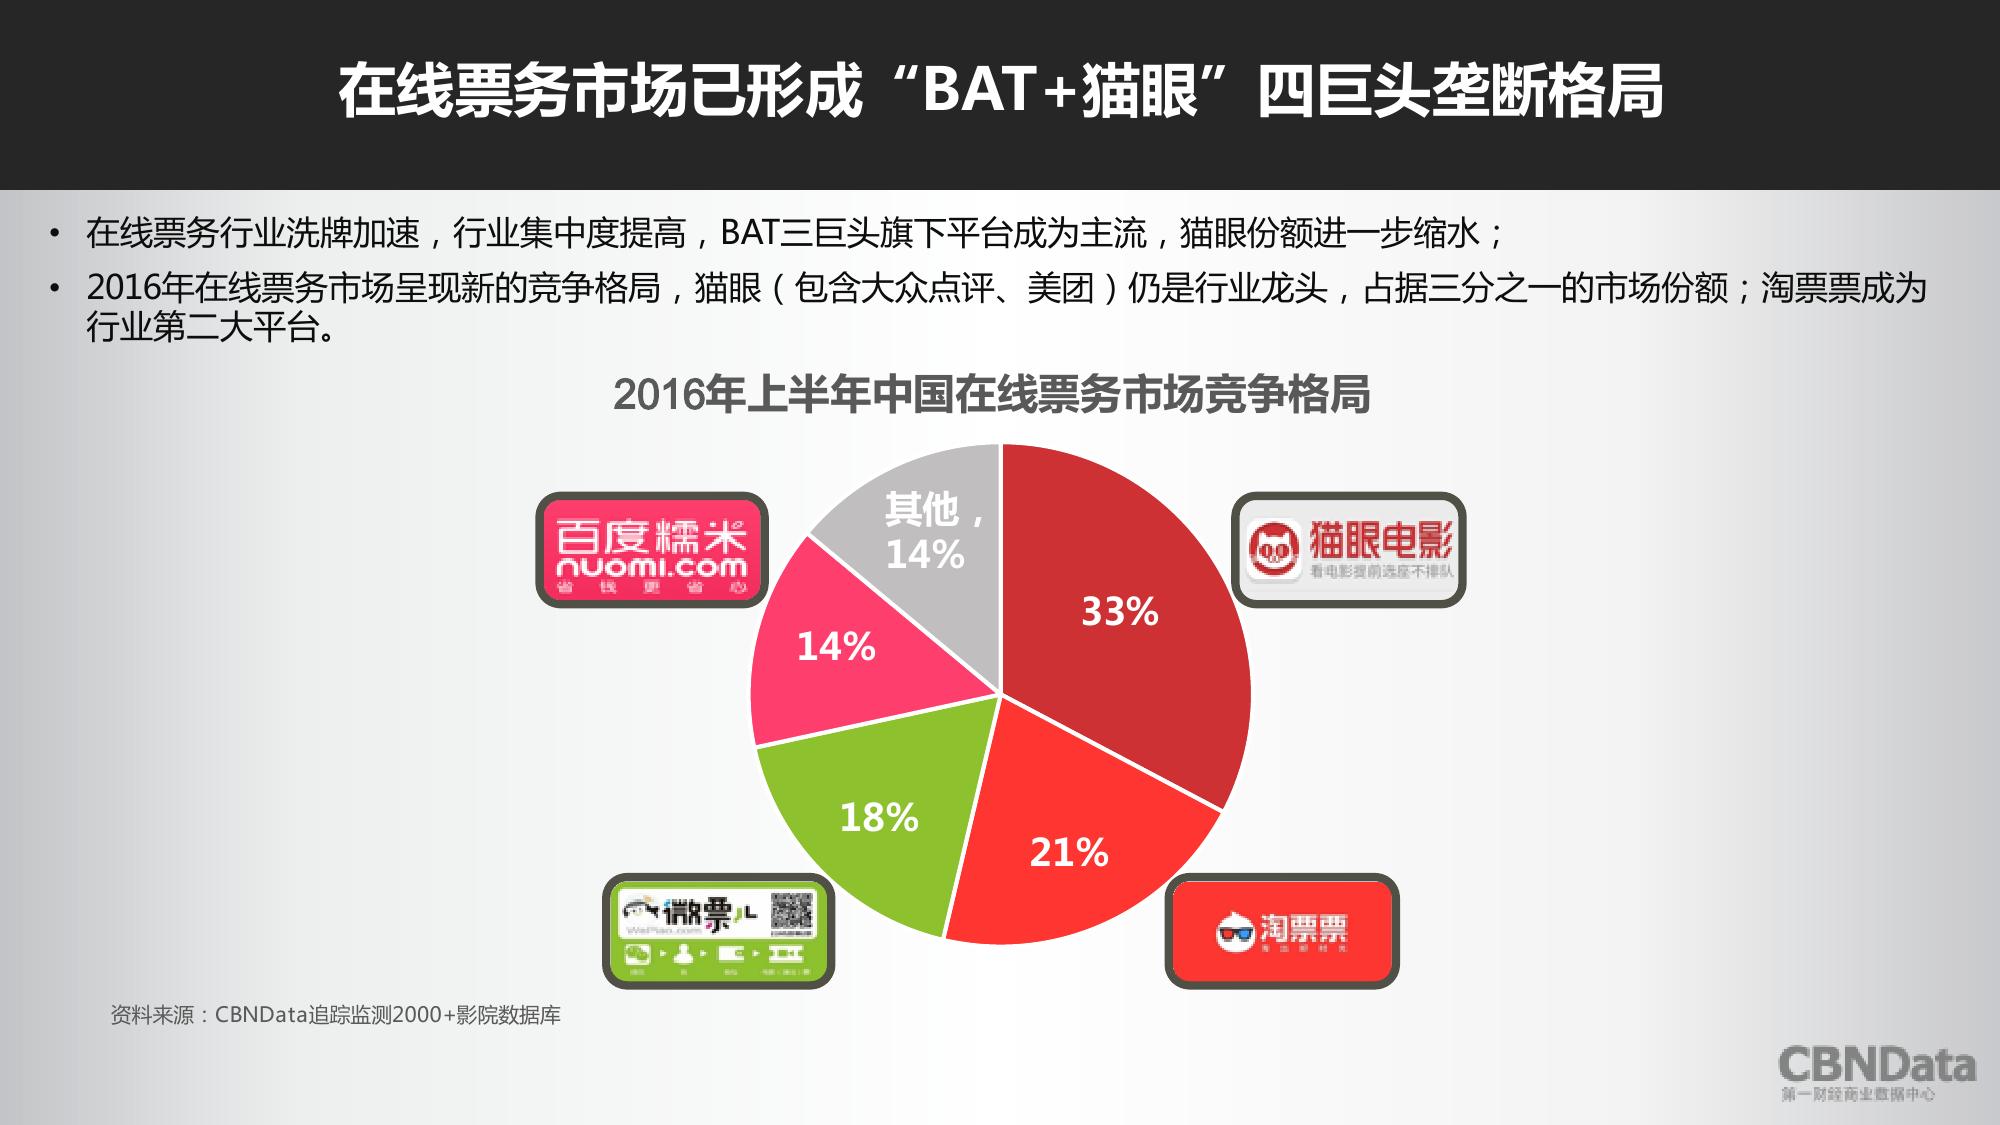 2016上半年中国在线票务平台大数据报告_000012